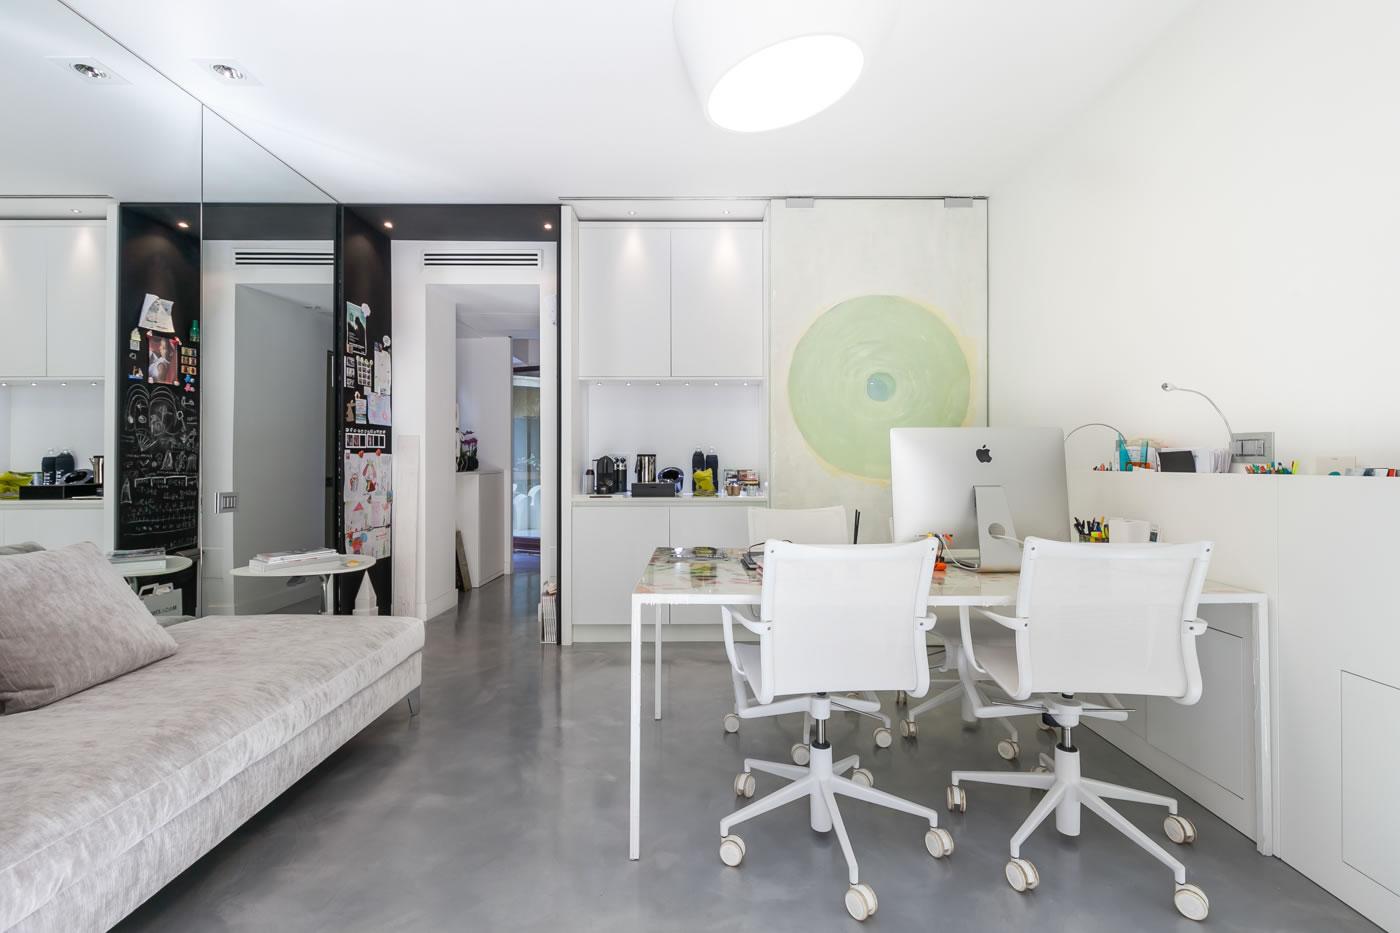 Organizzare Ufficio Vendite : Casa ufficio in vendita a roma maria laura berlinguer stile